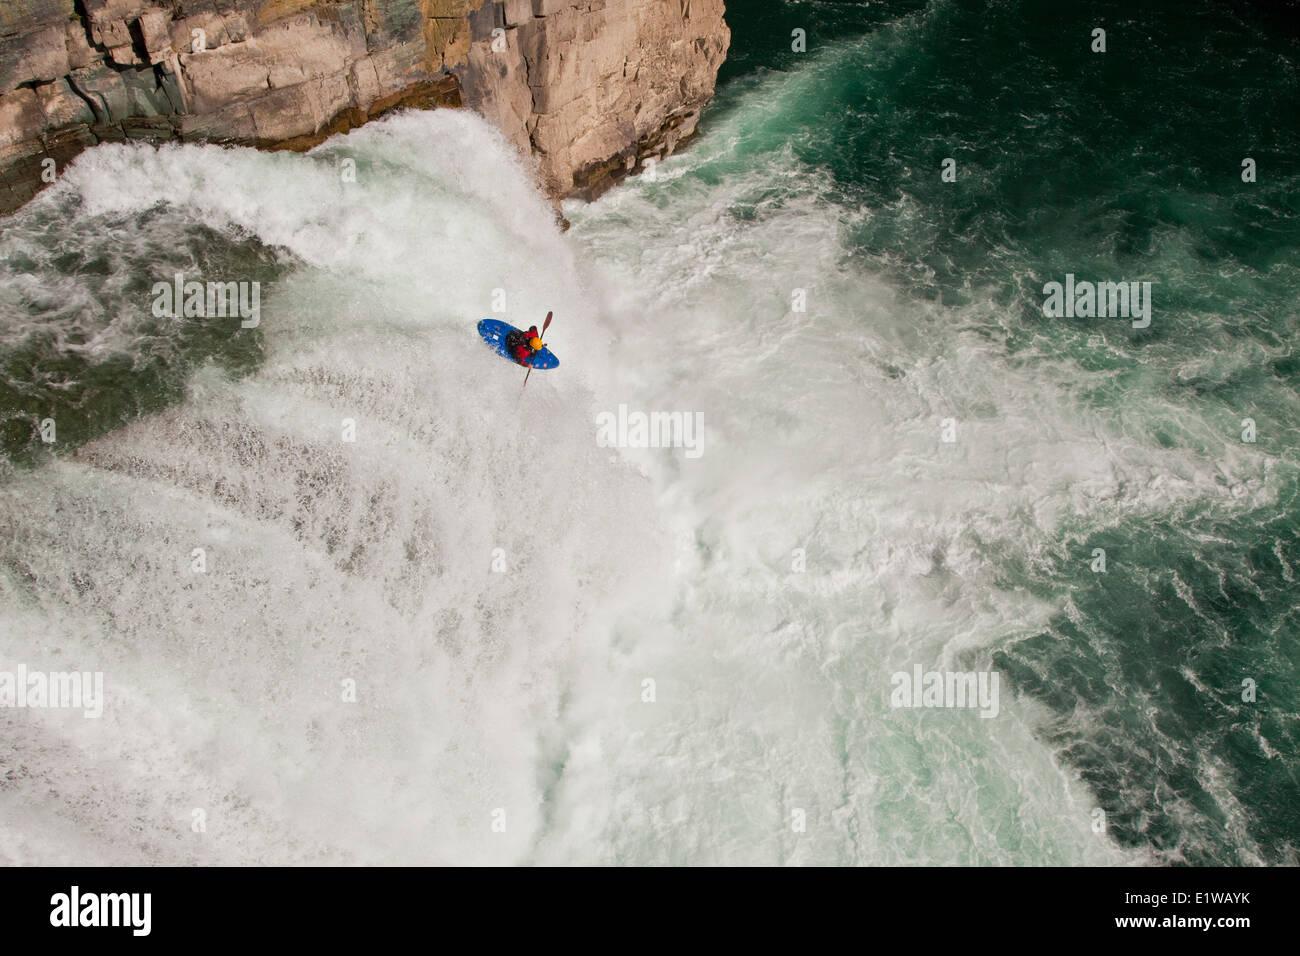 Eine männliche Kajakfahrer läuft Sprung des Glaubens, ein 30 Fuß Wasserfall auf dem oberen Elk River, Stockbild